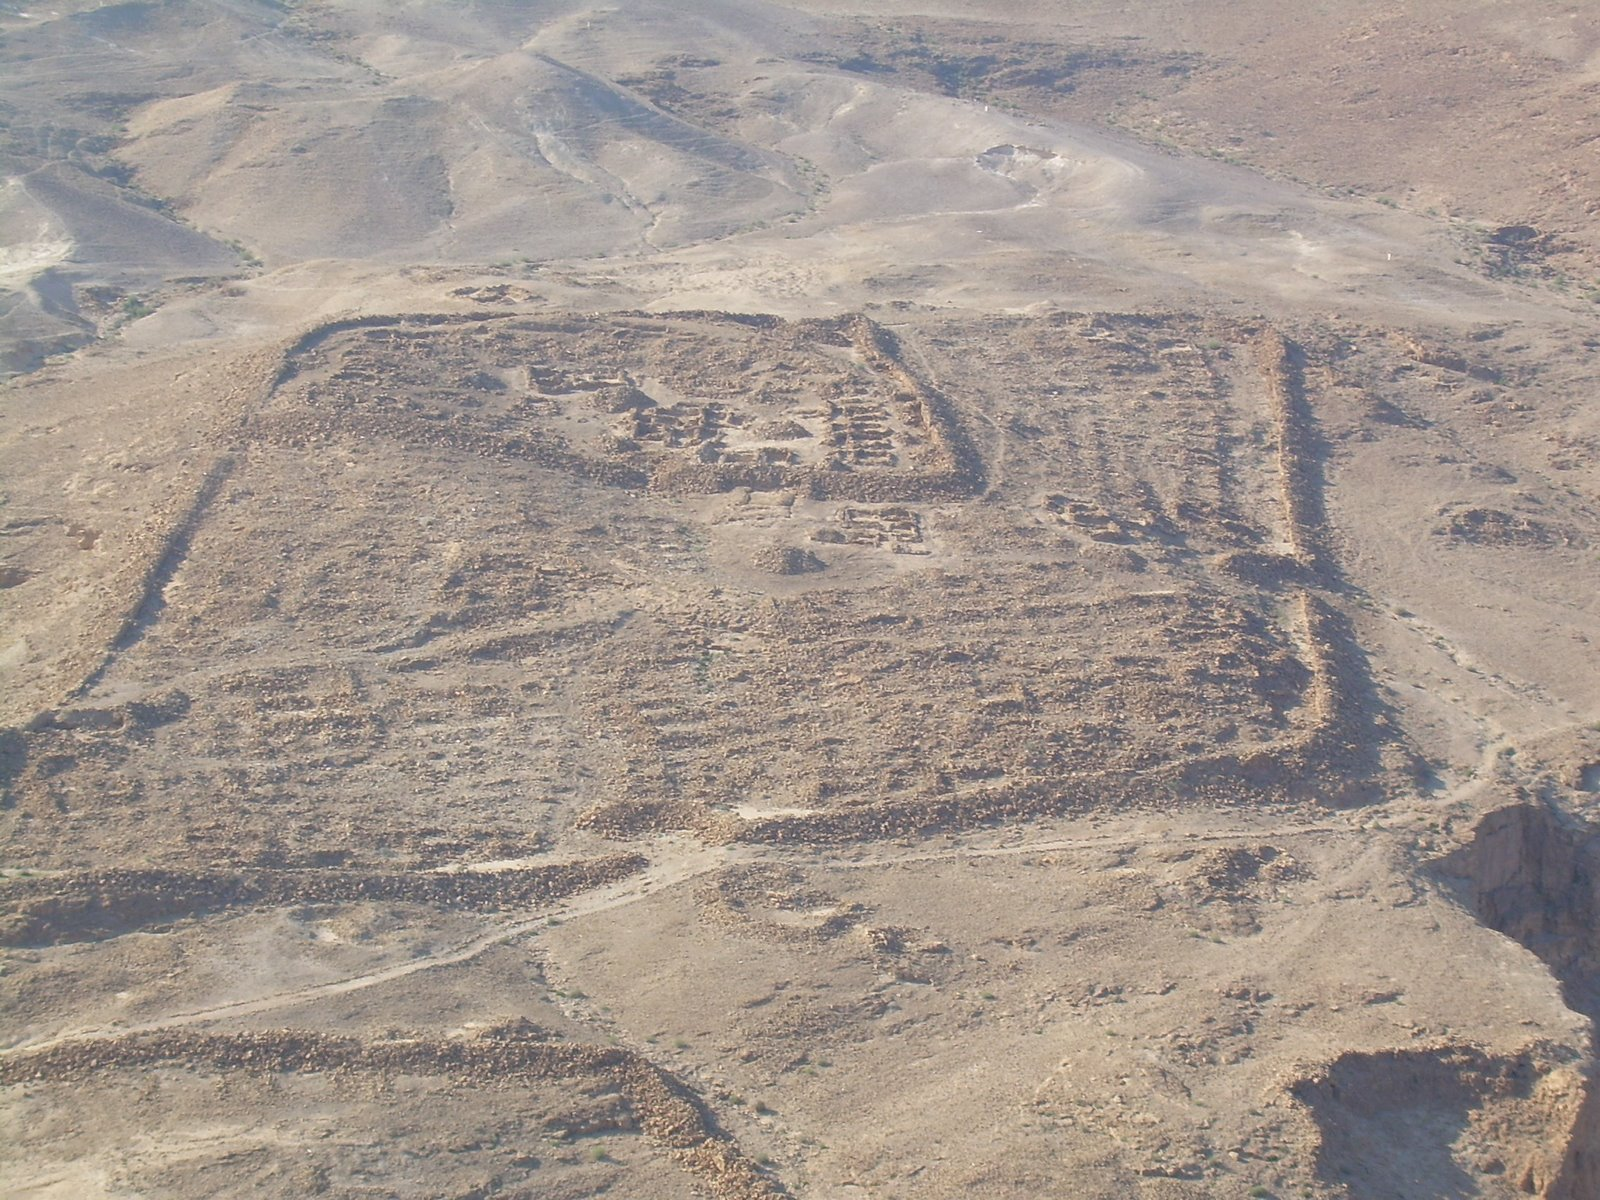 Resti del campo della X fretensis a Masada